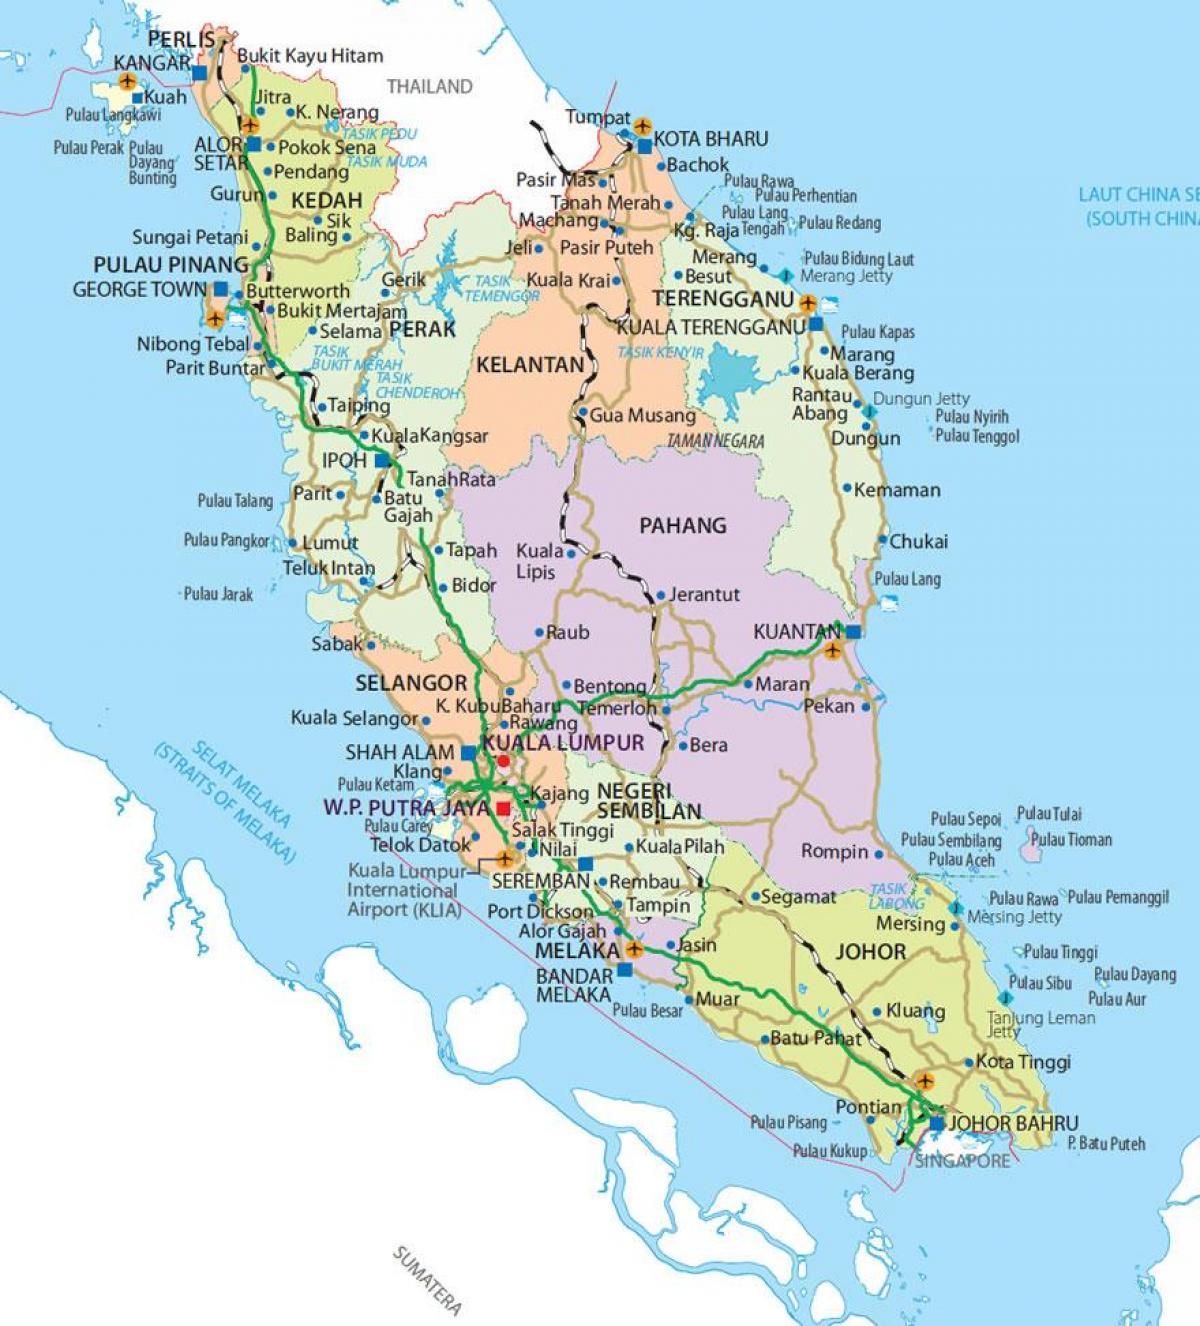 Carte Asie Malaisie.Semenanjung Malaisie Carte Penisular Malaisie Carte Asie